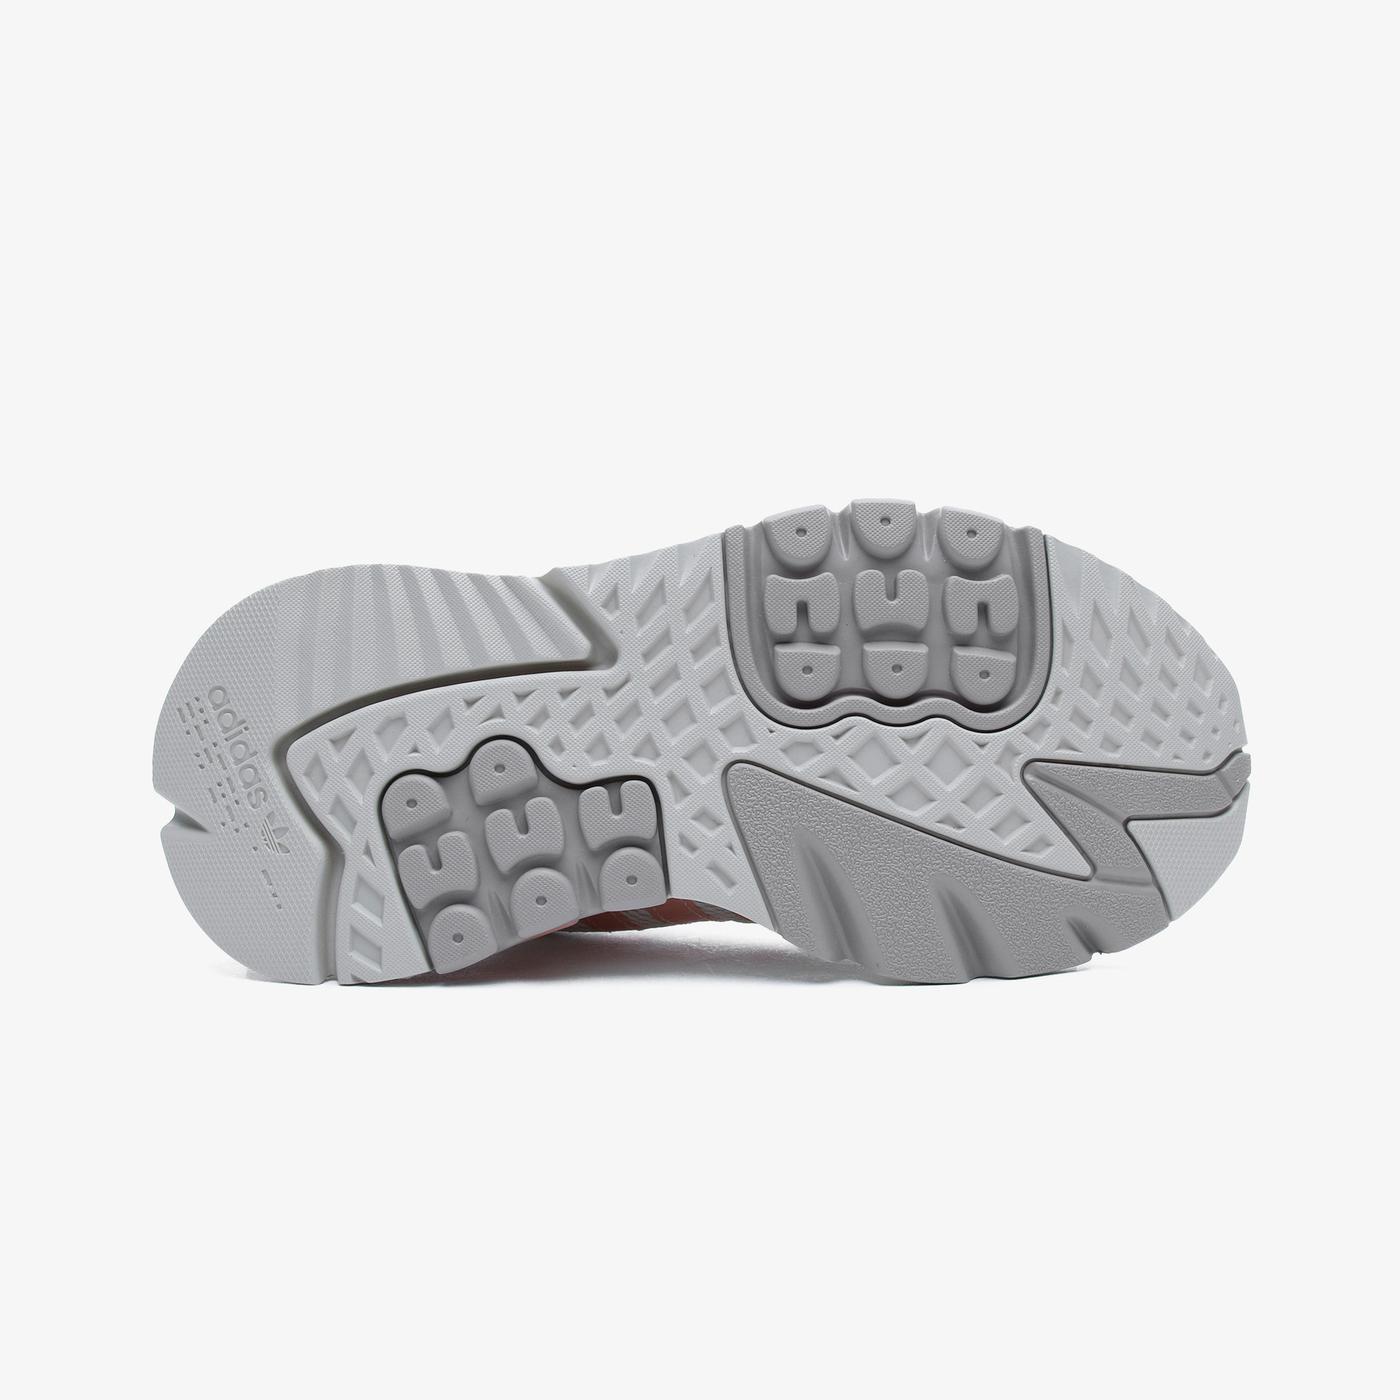 adidas Nite Jogger Kadın Bej Spor Ayakkabı